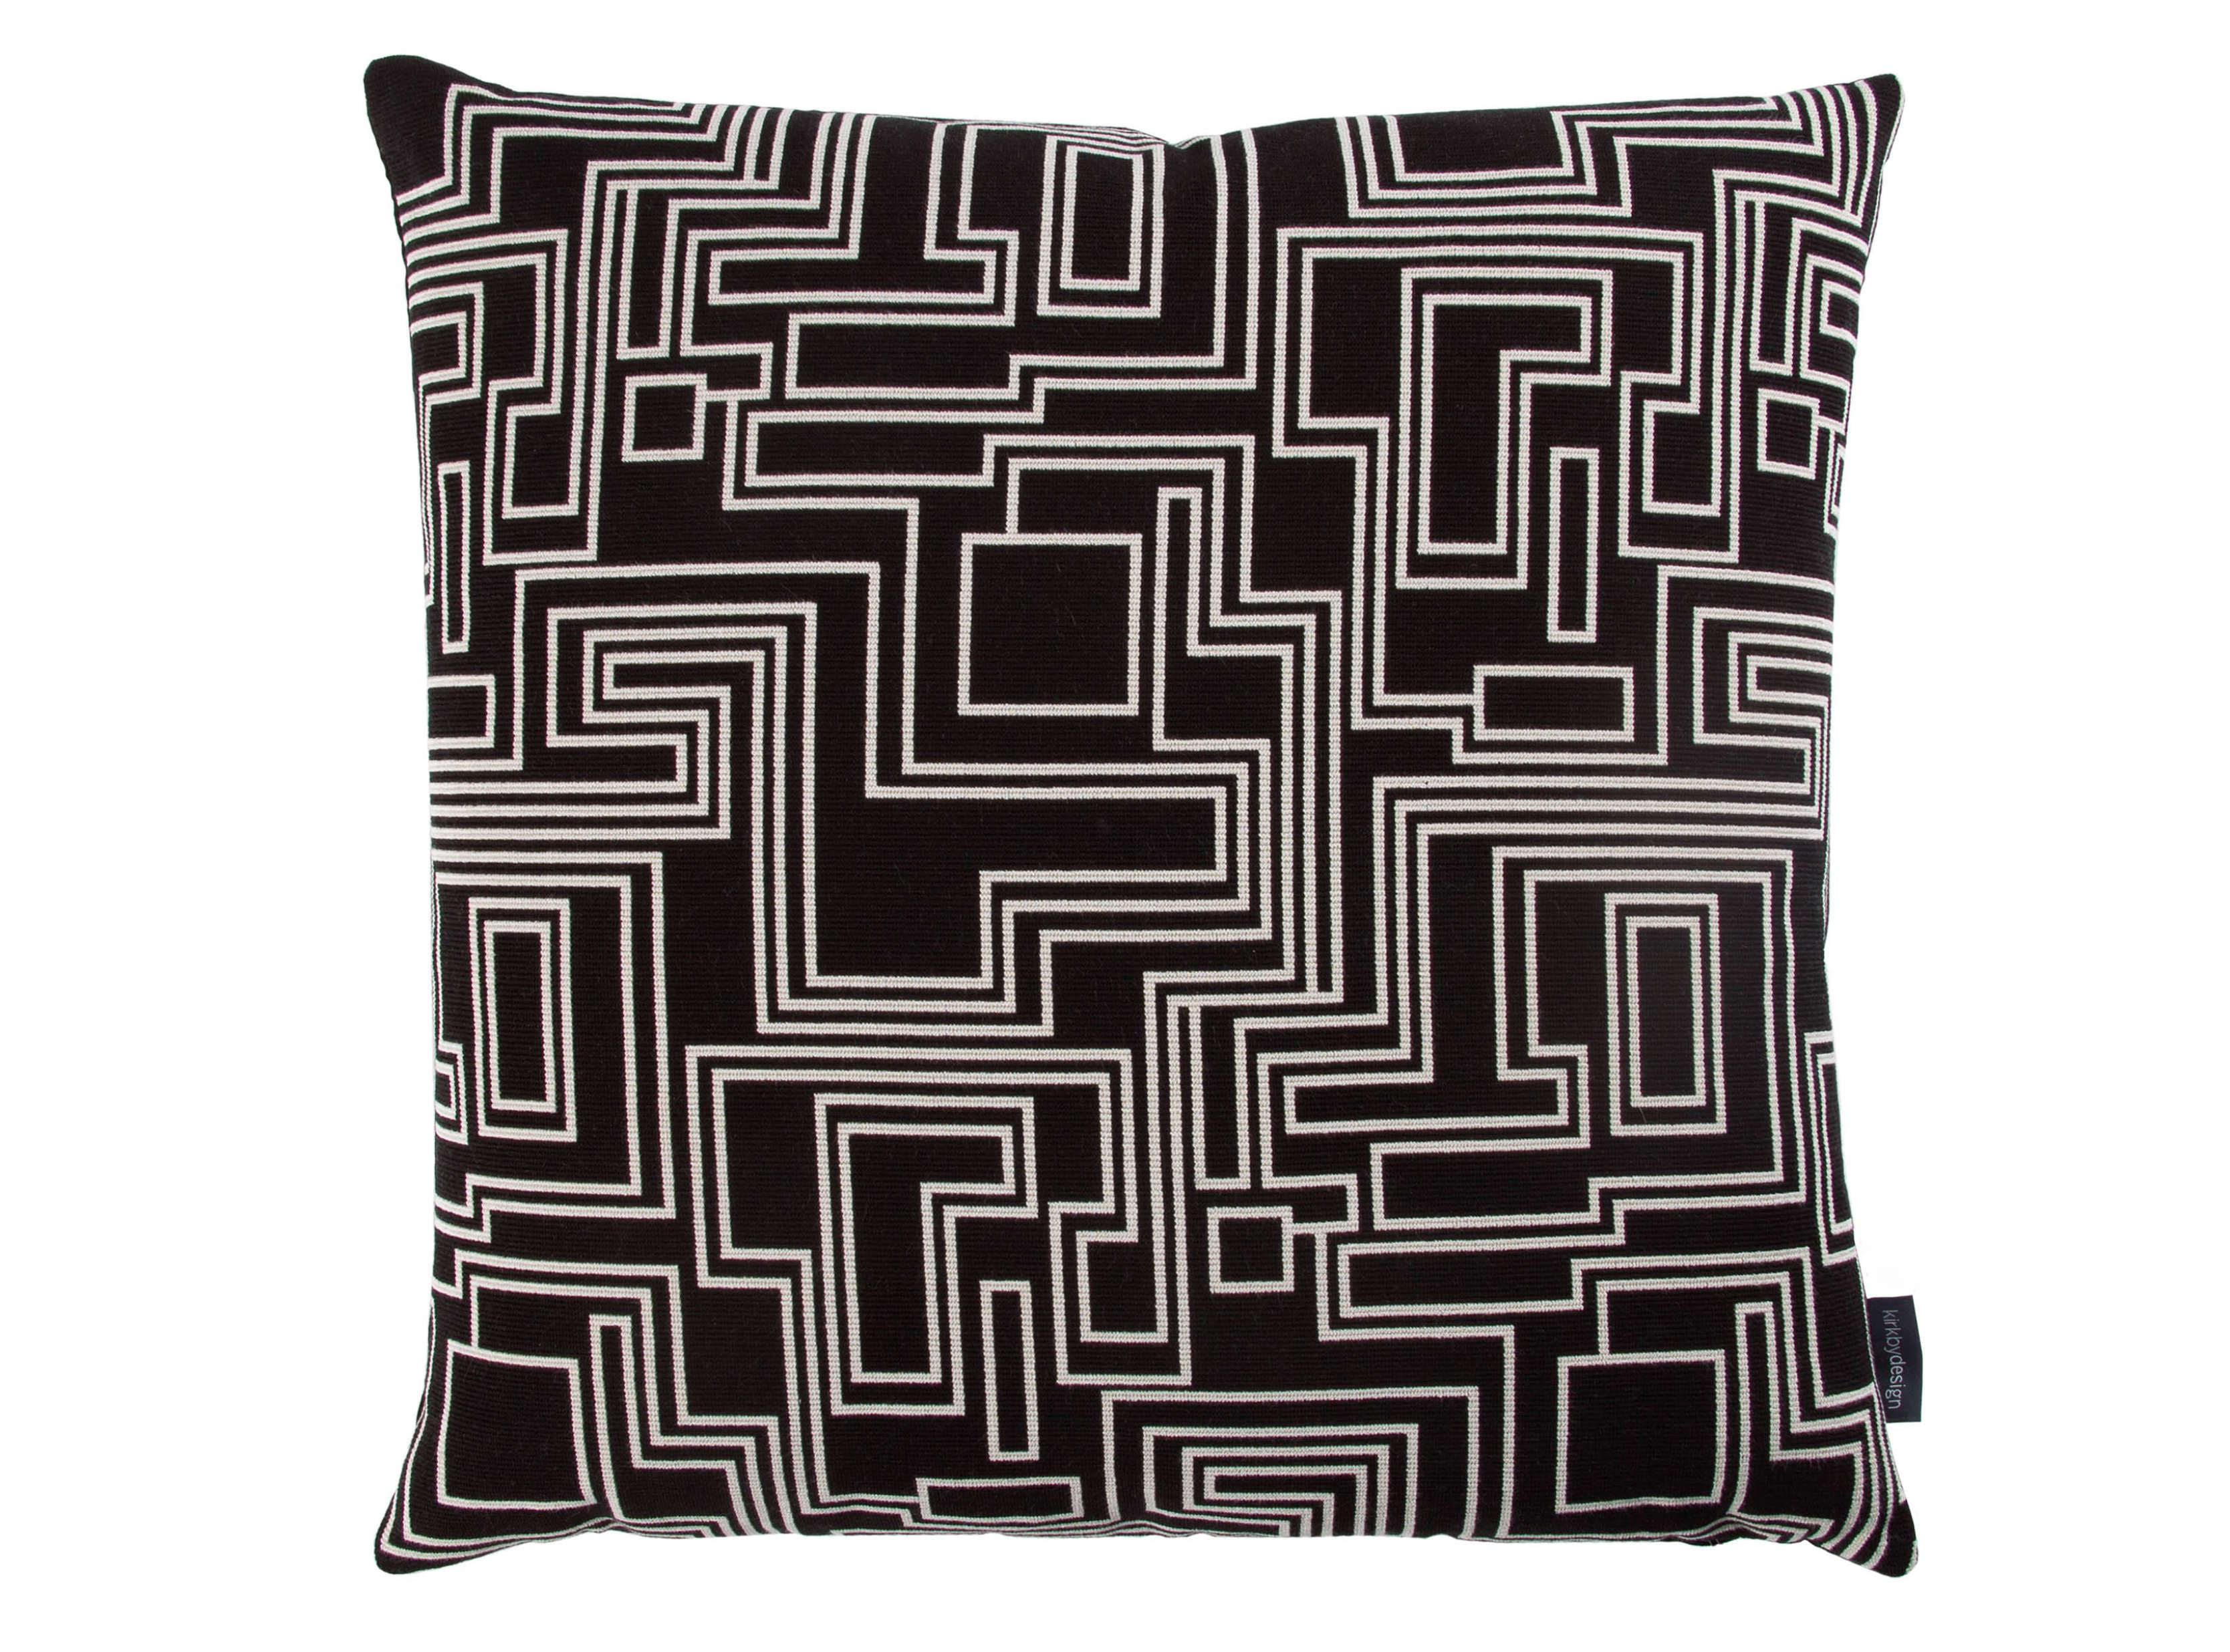 【海外取寄品】The Electro Maze クッション Noir by kirkbydesign 50×50cm 中材付